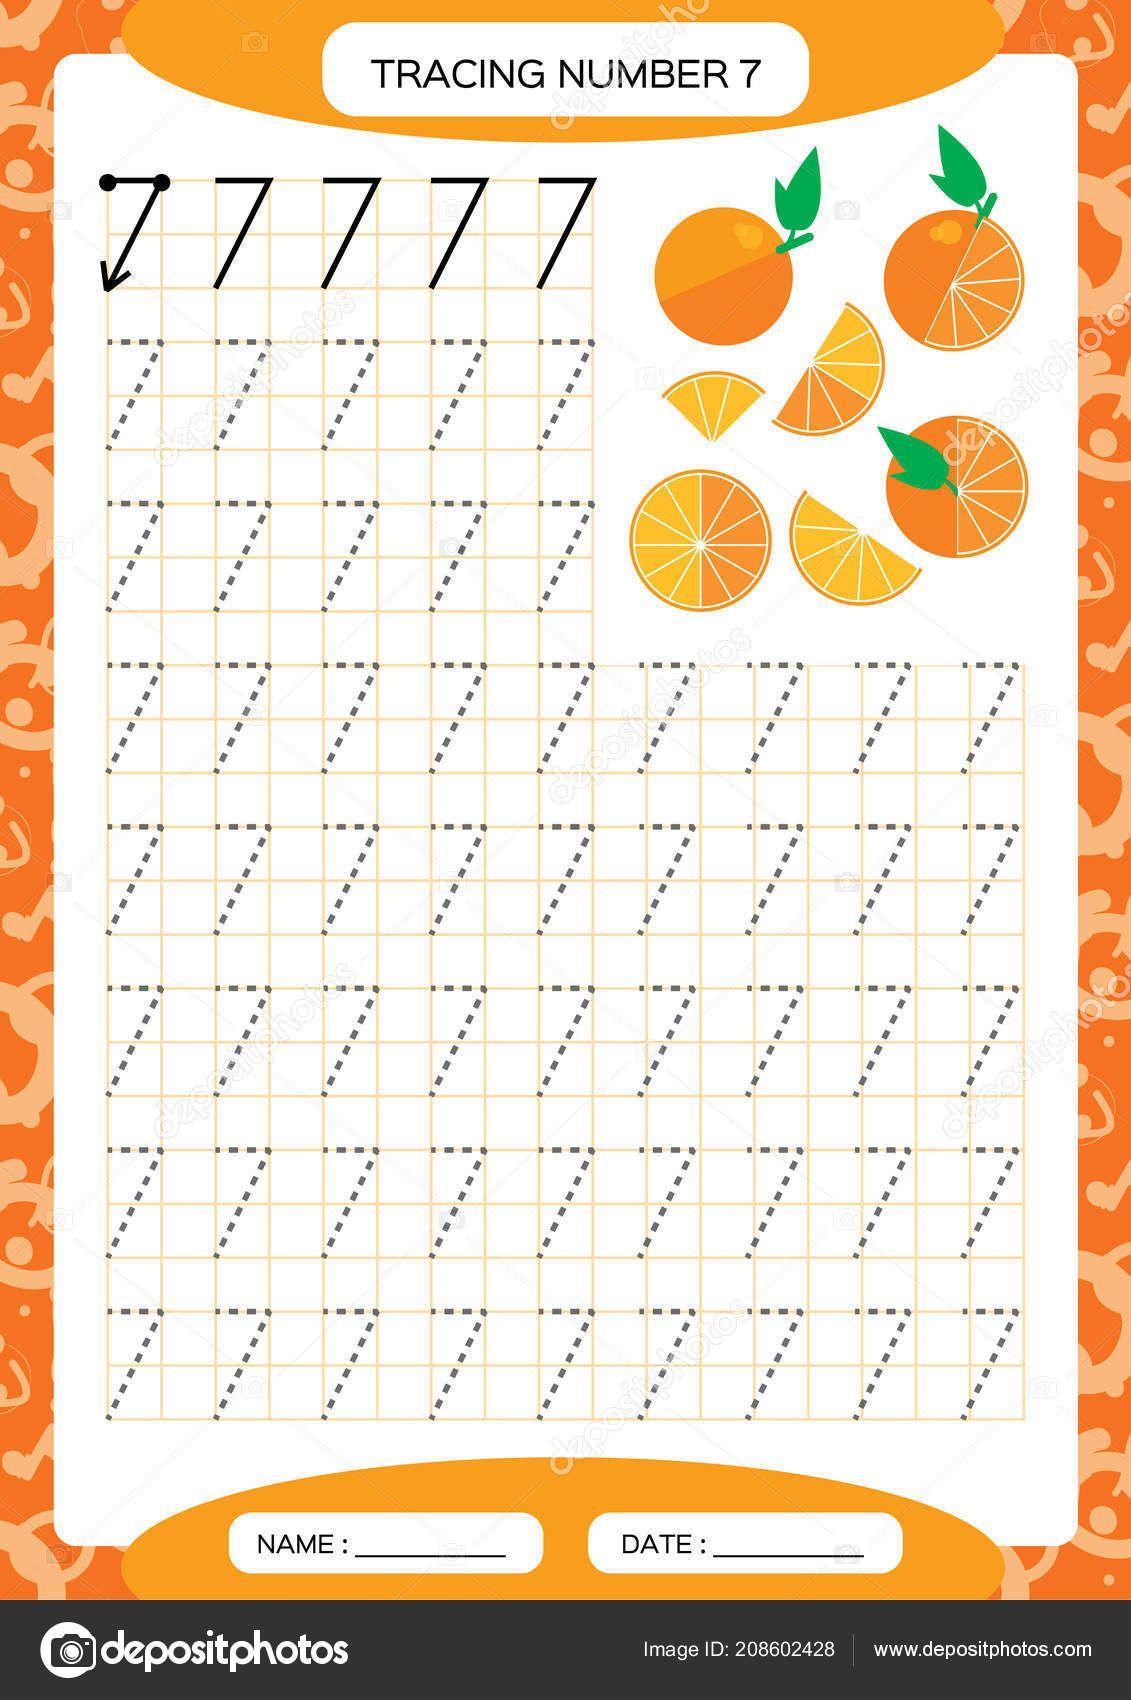 Number Seven Tracing Worksheet Kids Juicy Orange Preschool Worksheet Tracing Numbers Sheet Preschool Worksheets Preschool Number Worksheets Numbers Preschool [ 1700 x 1131 Pixel ]